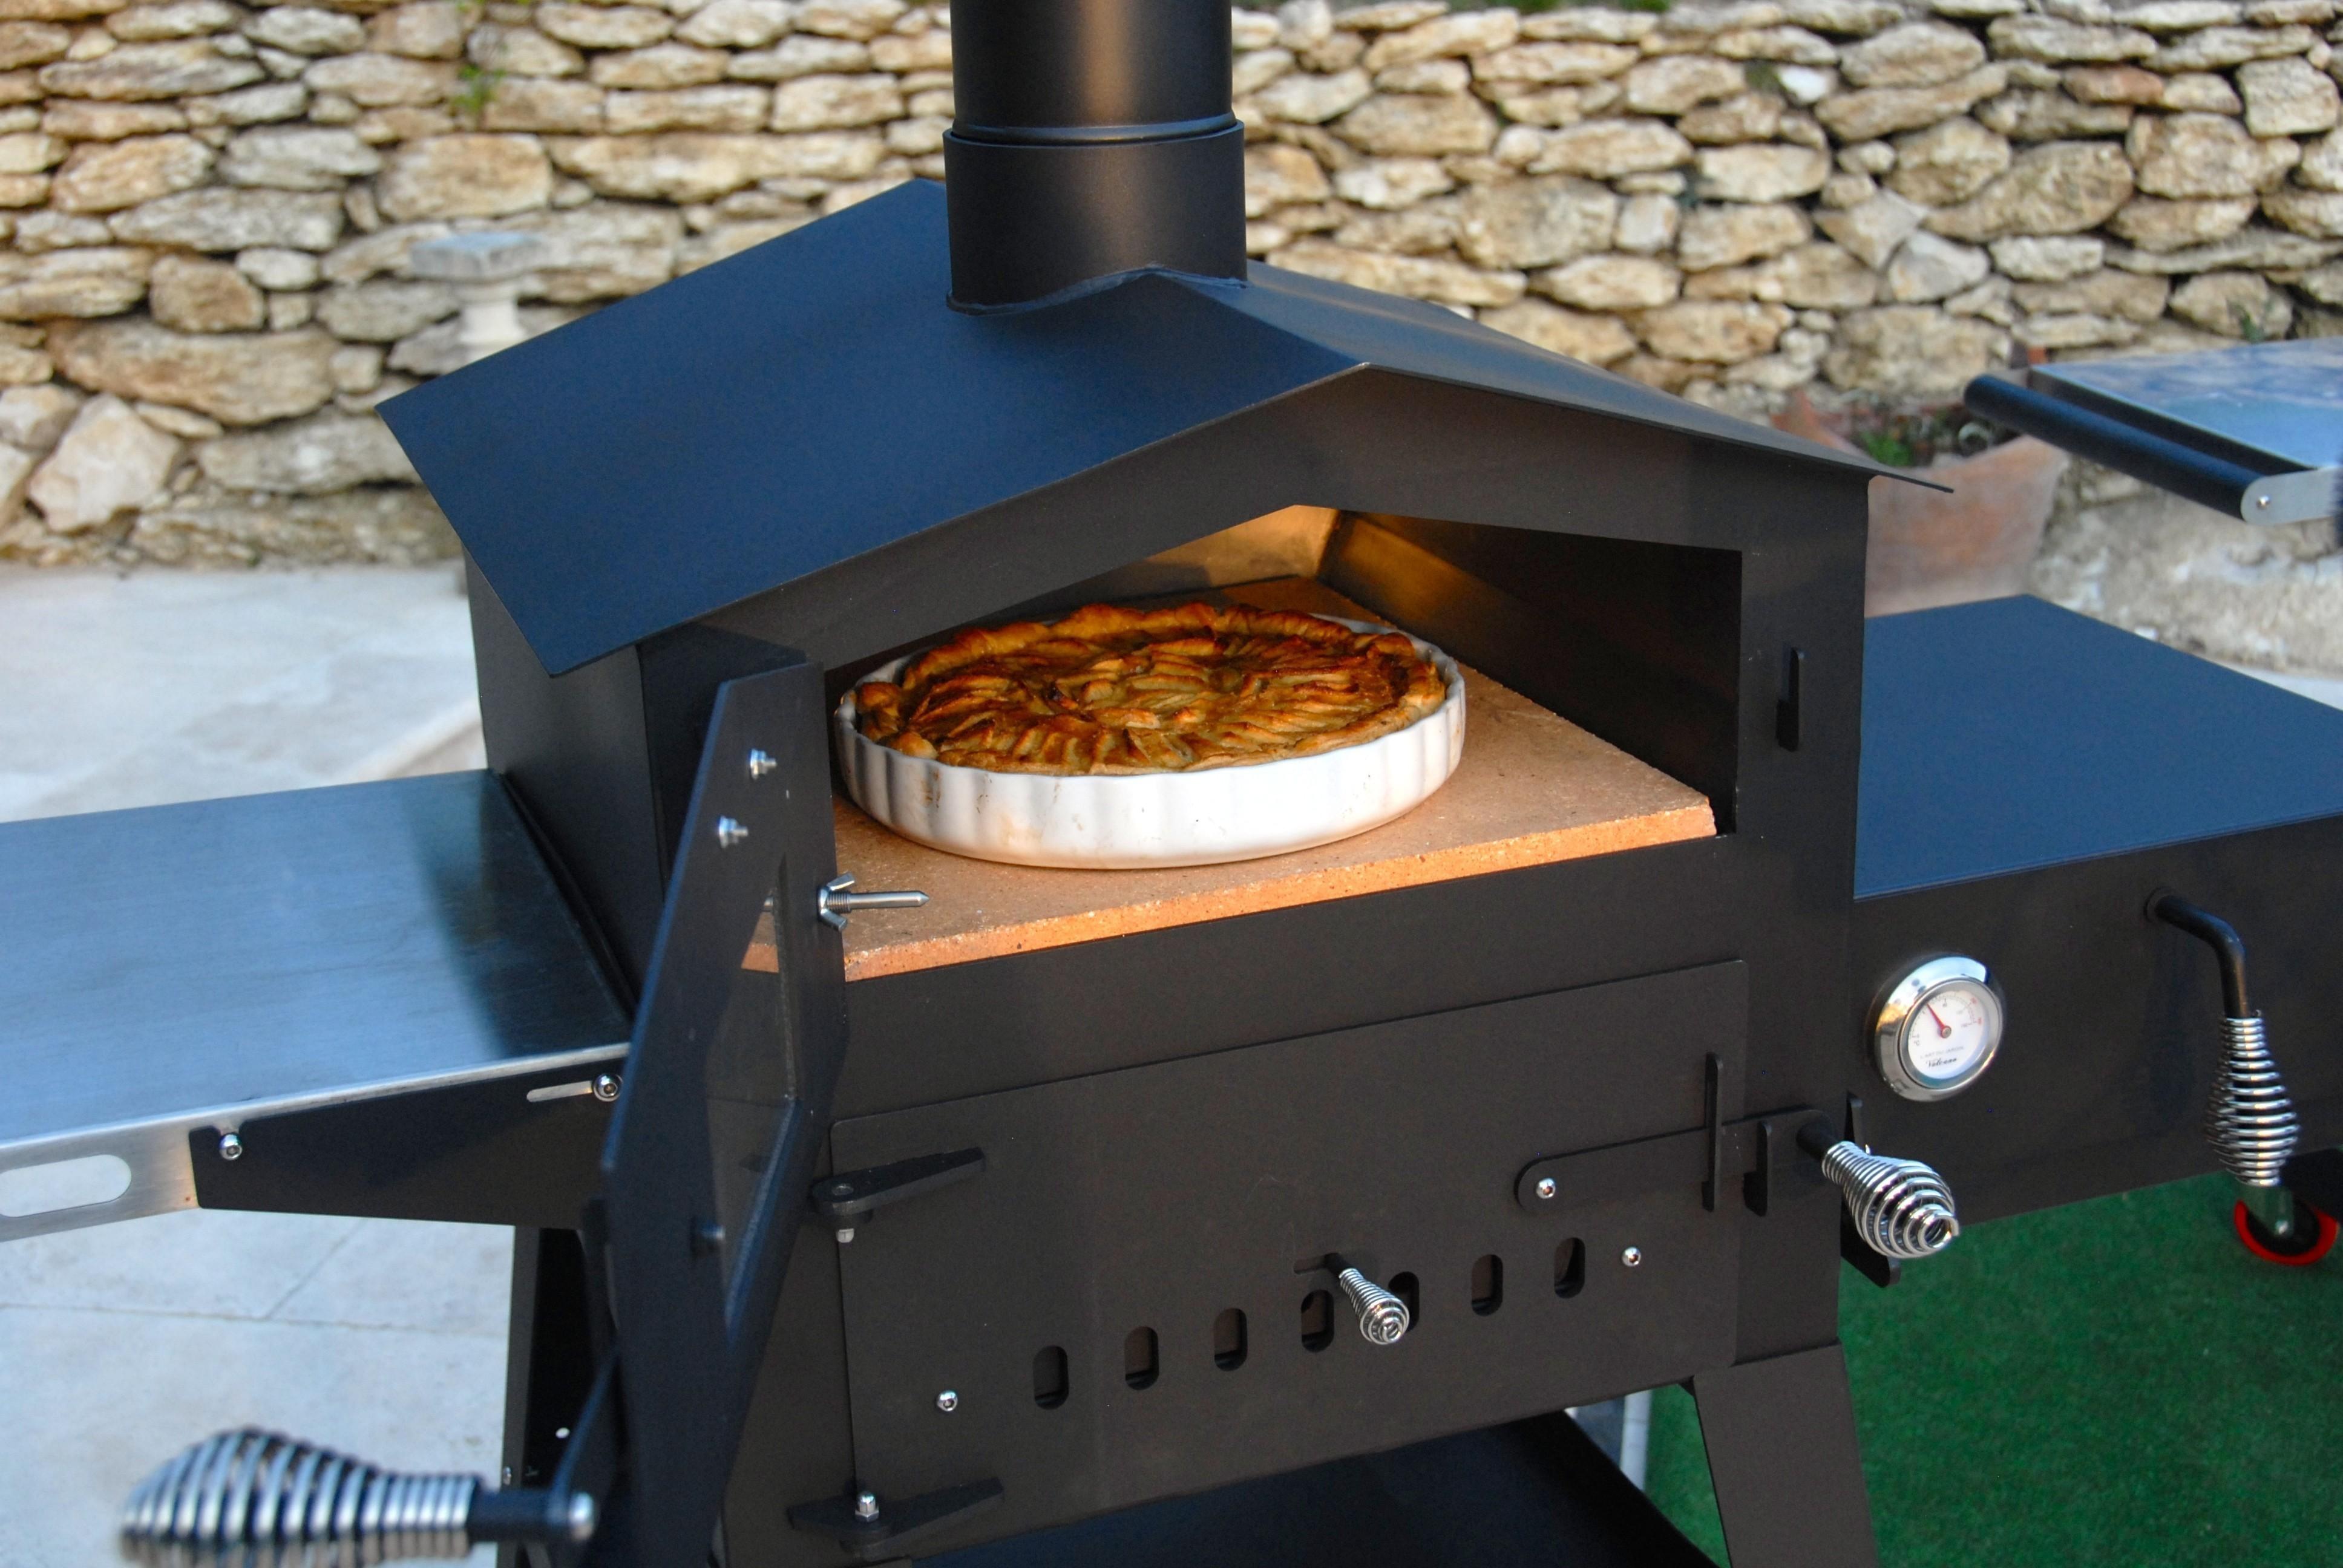 Pizzaofen, Flammkuchenofen Vulcano 2 Bild 4